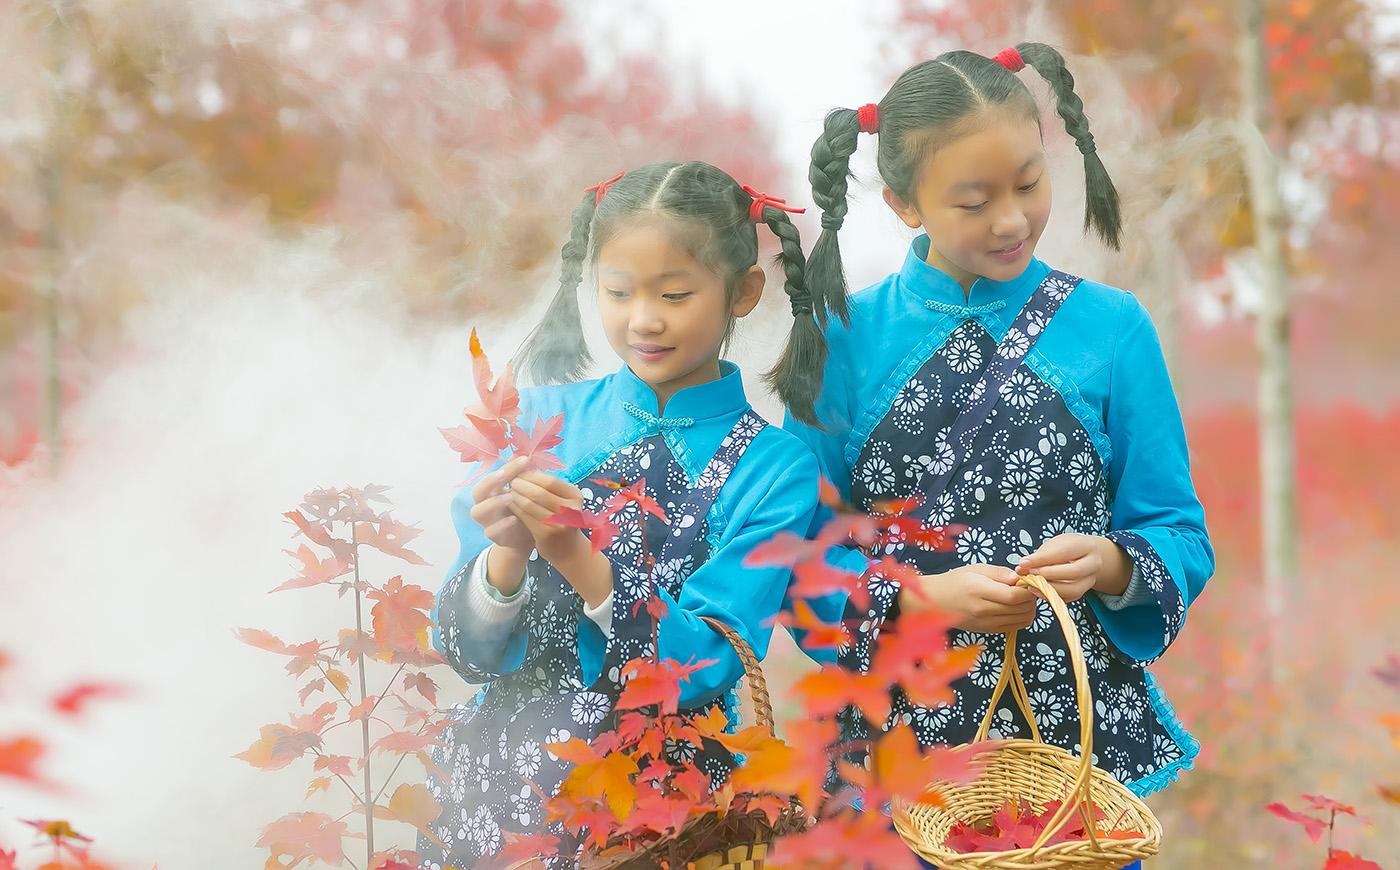 沂蒙山区竟然有这么一片童话般的树林 沂蒙小精灵火红的童年来袭 ..._图1-21